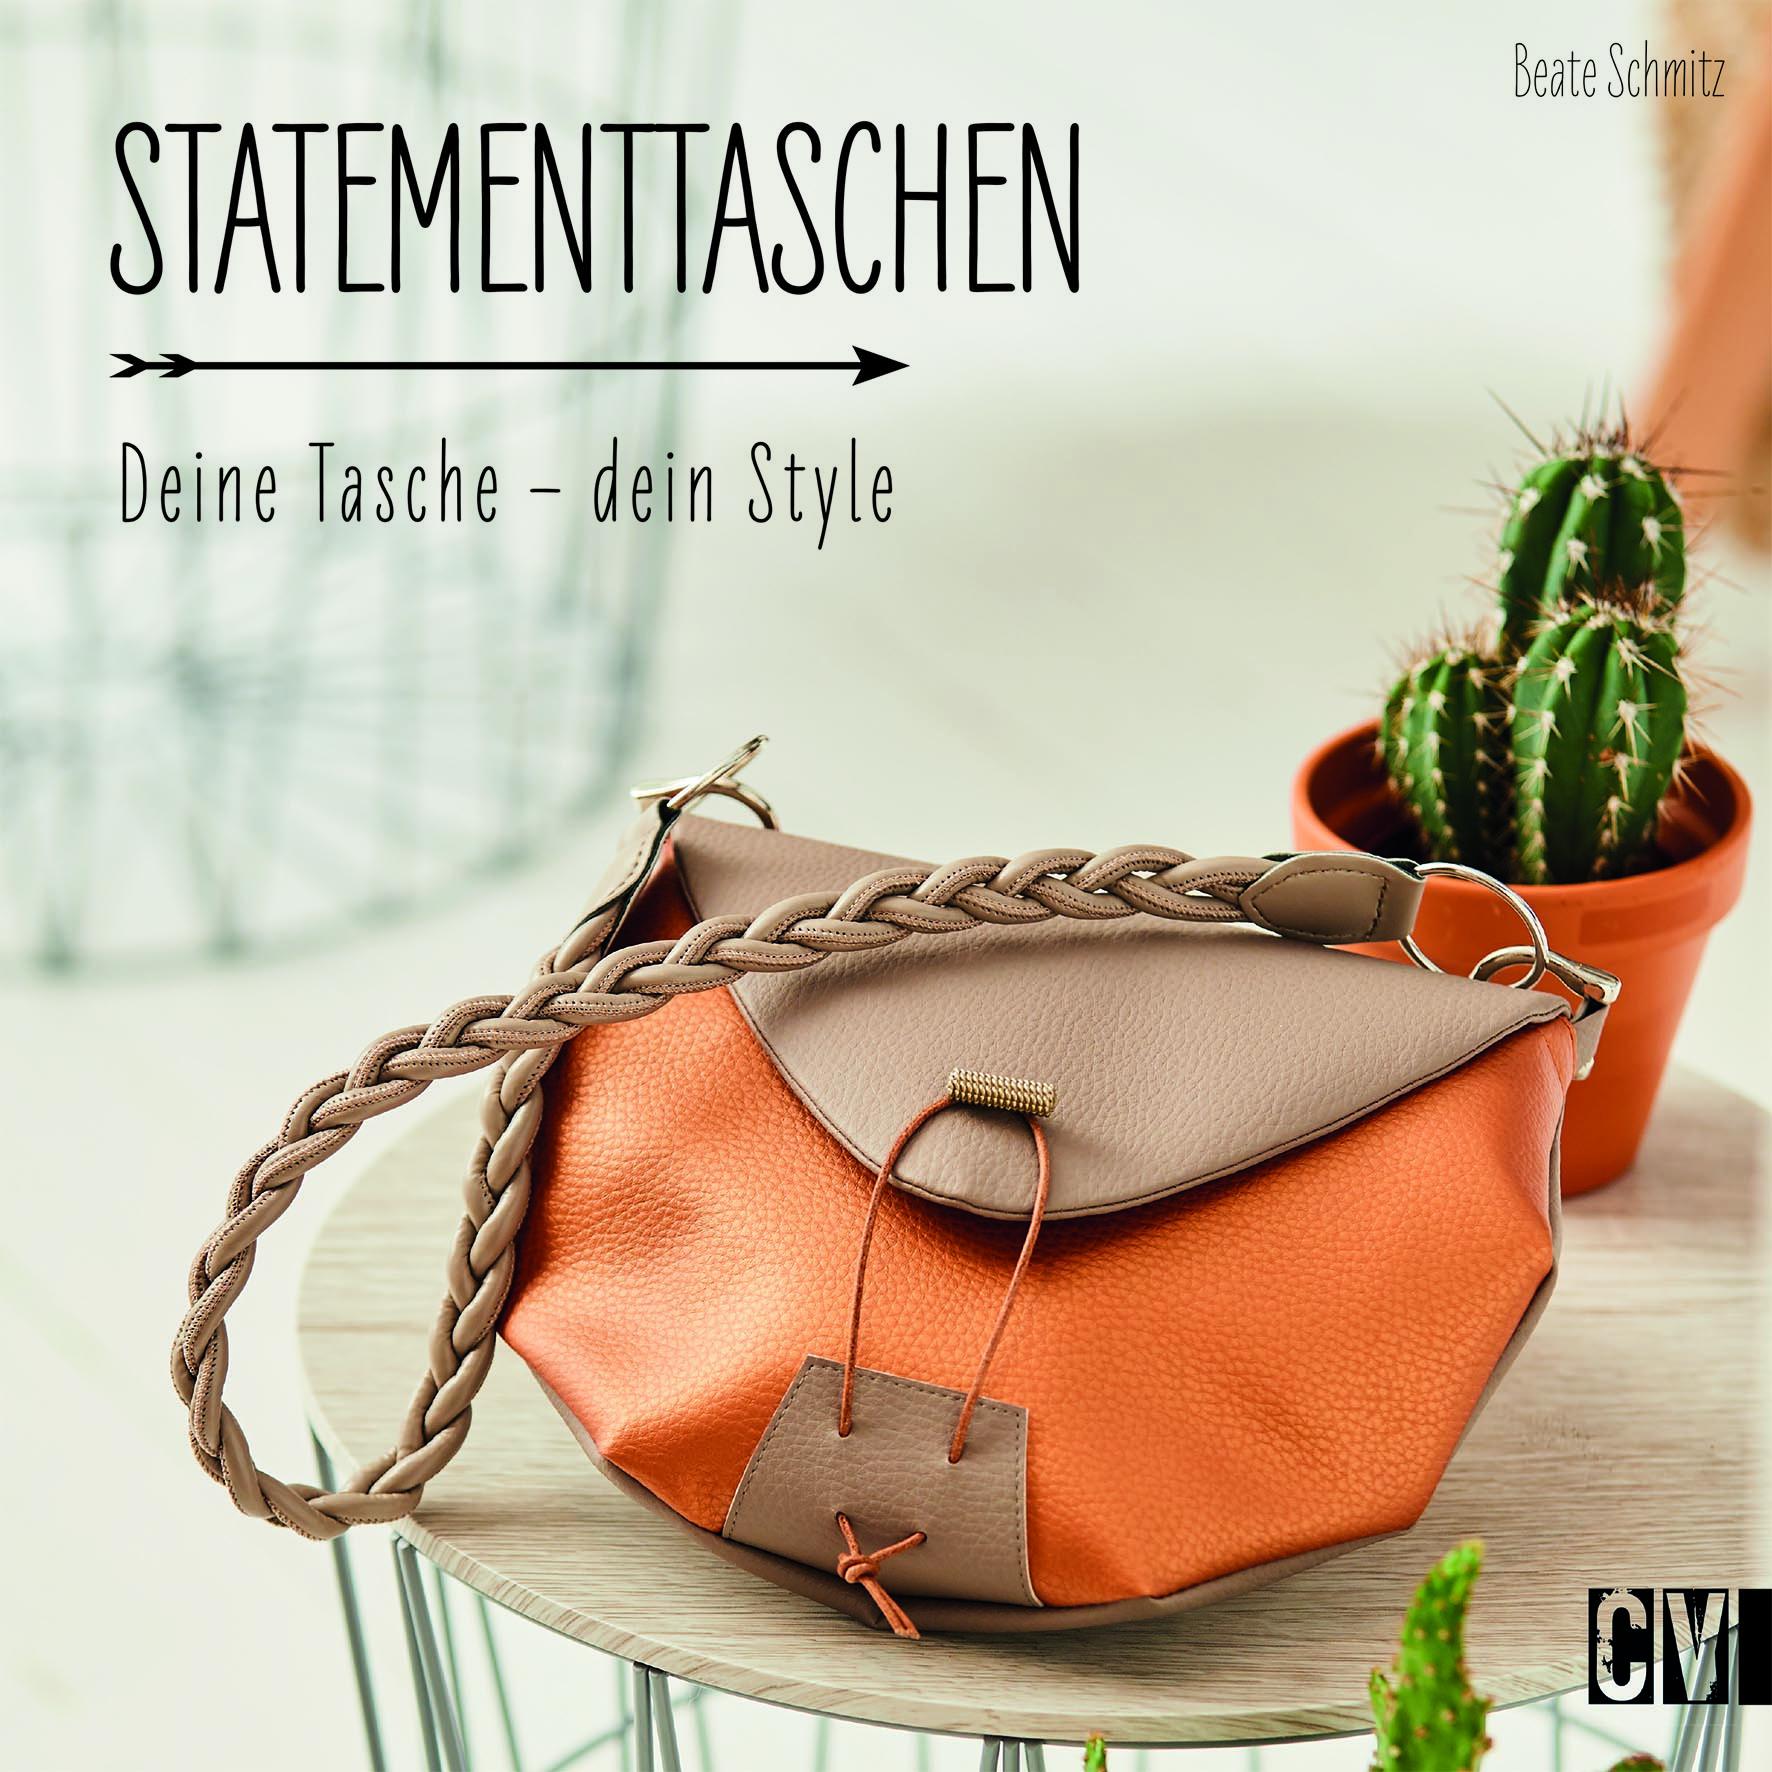 CV 6535 Statement-Taschen